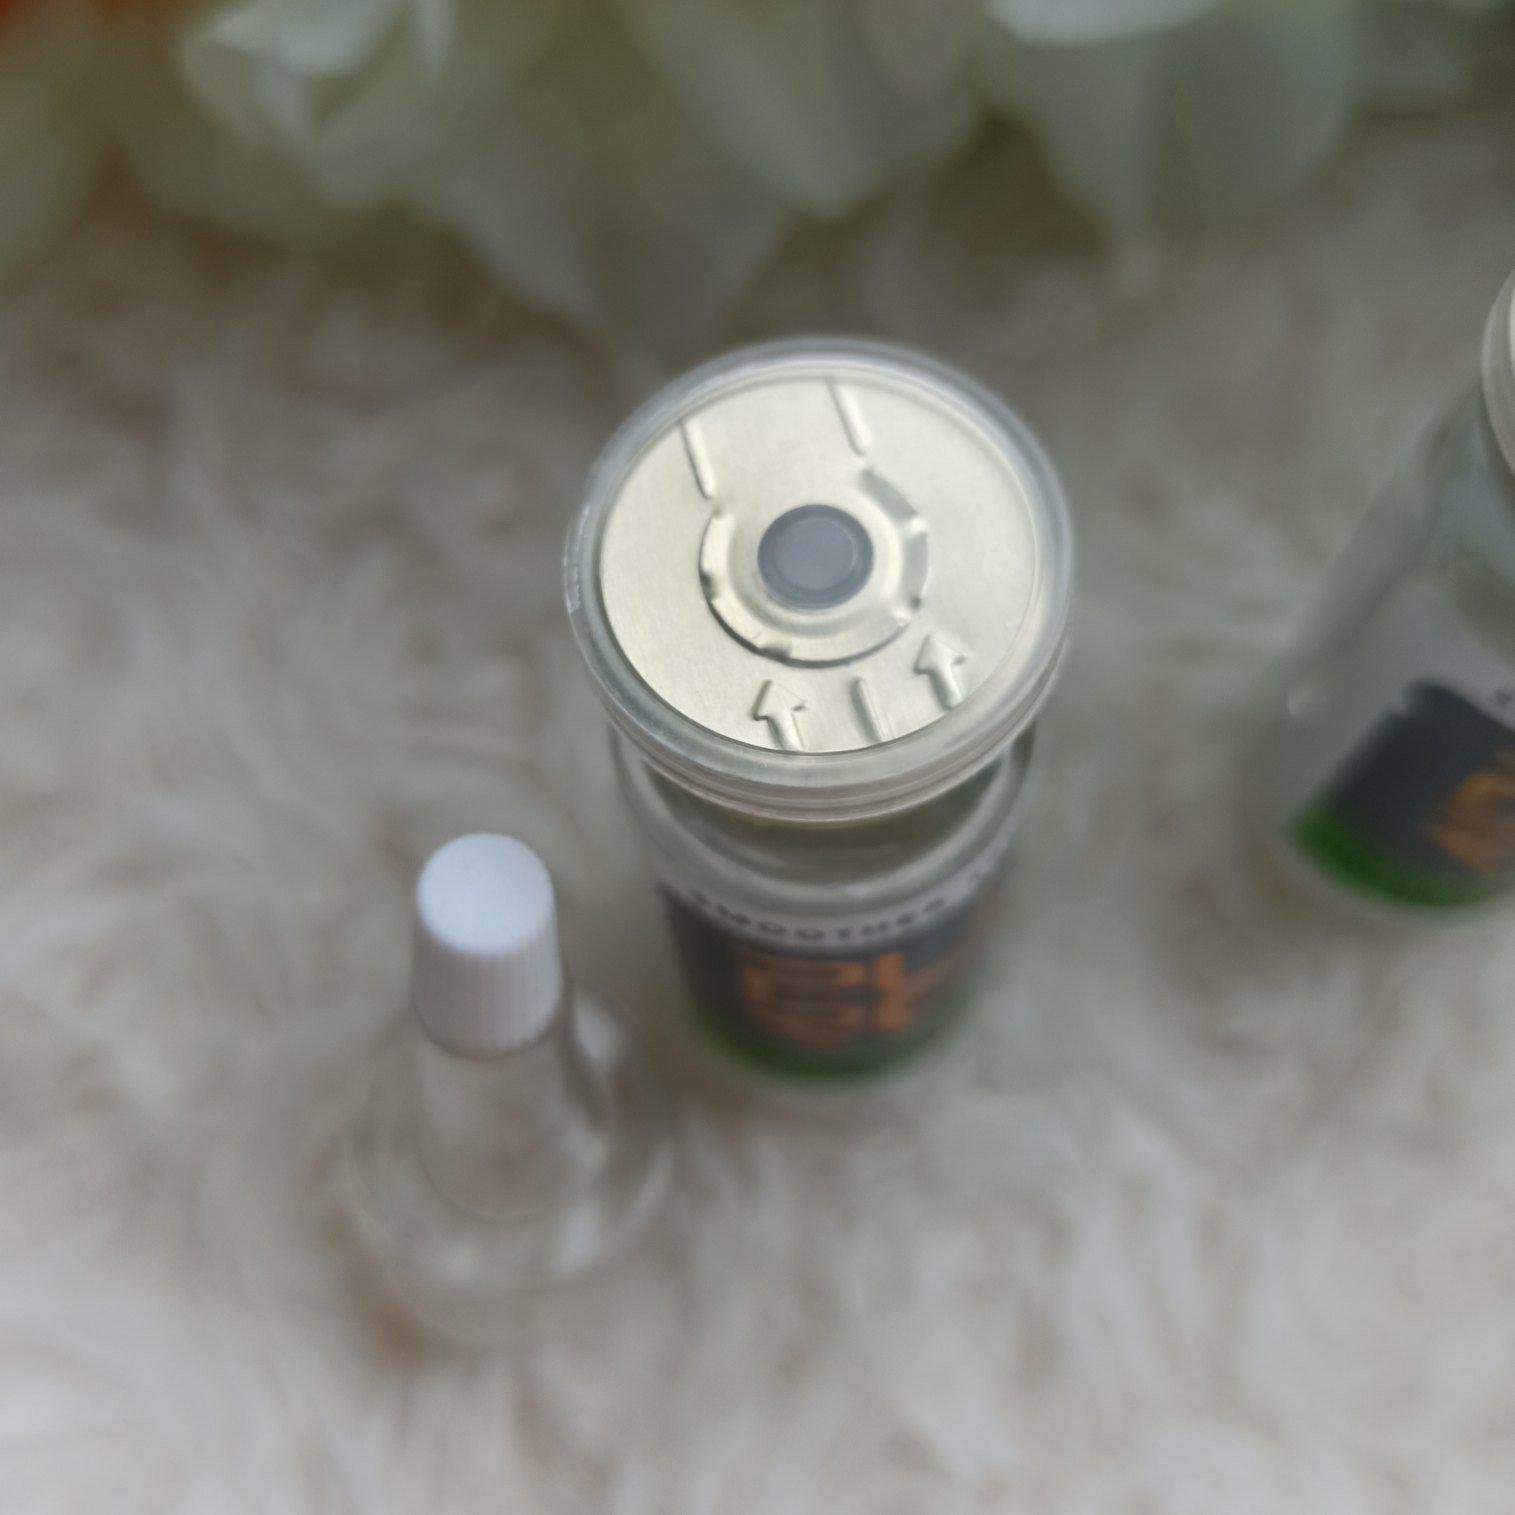 Сыворотка с гиалуроновой кислотой из магазина THE PURE SHOP - цена